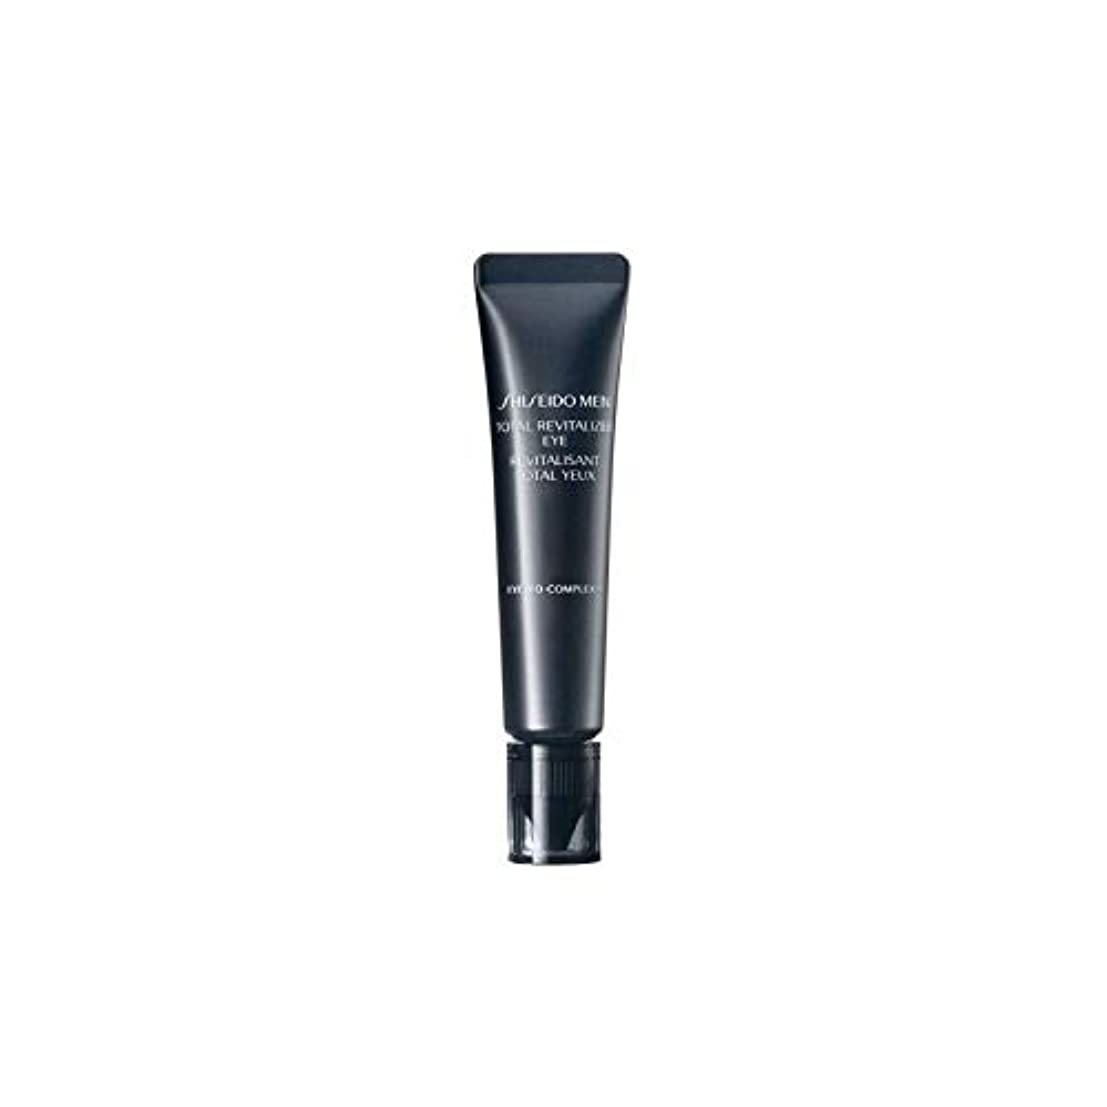 ノートペネロペルネッサンス[Shiseido ] 資生堂は、総滋養強壮の眼(15ミリリットル)をメンズ - Shiseido Mens Total Revitalizer Eye (15ml) [並行輸入品]